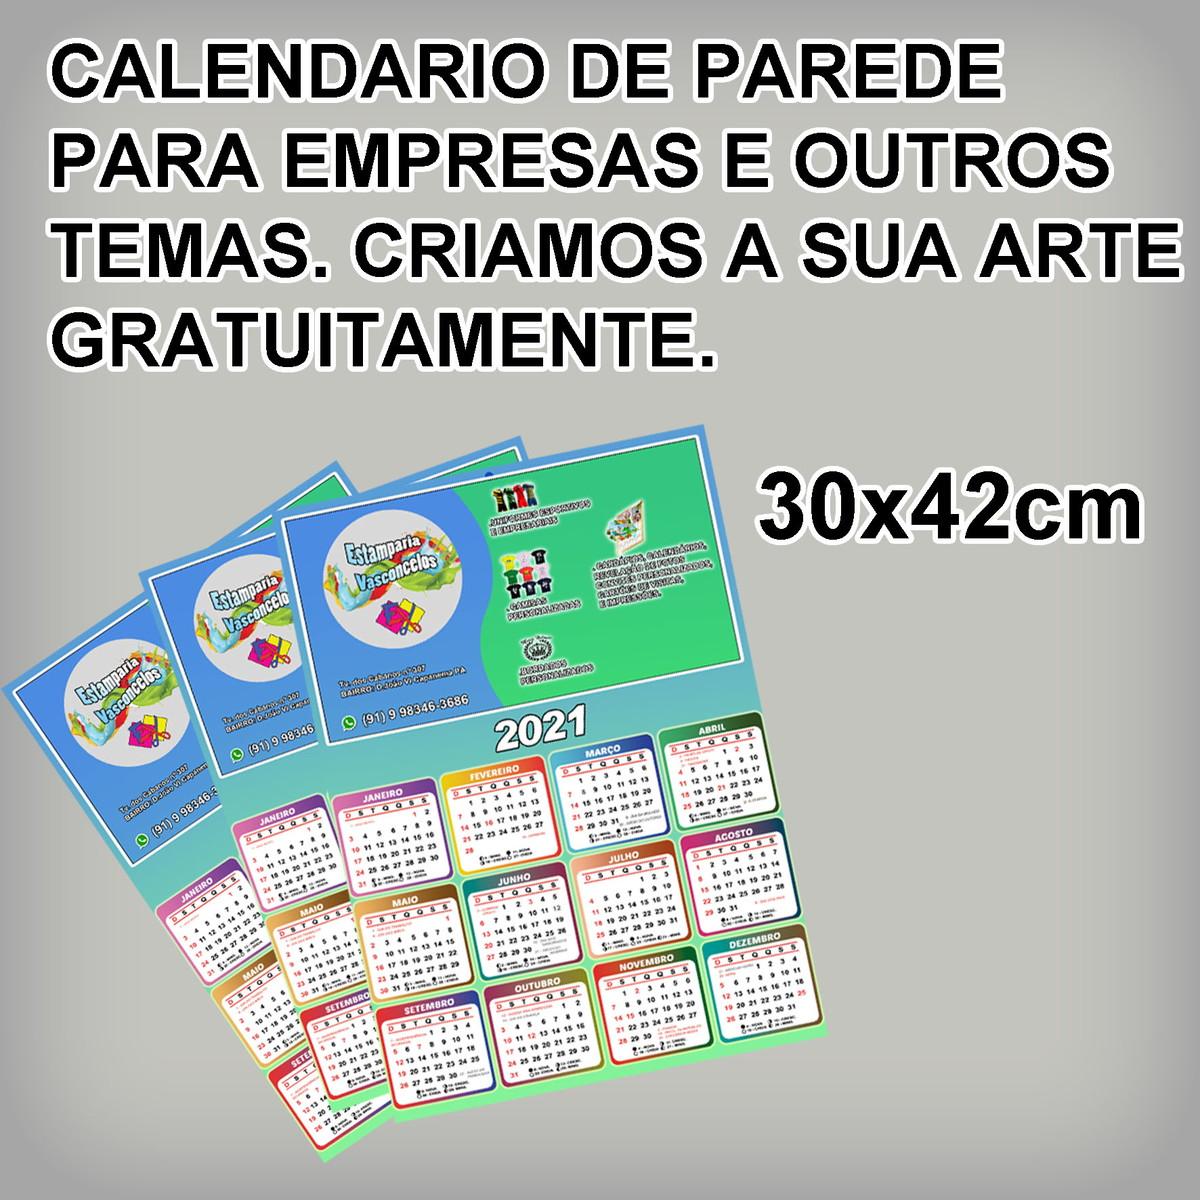 cem calendários 2021 logomarca ou temas de aniversários no